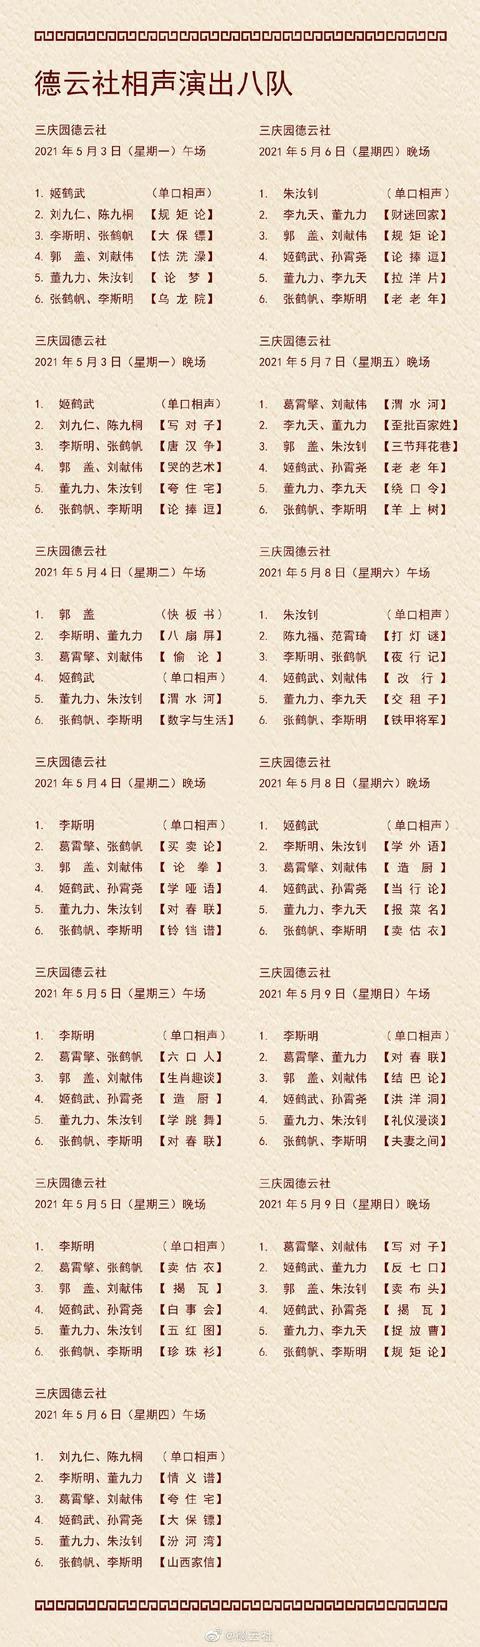 德云社演出节目单(2021年5月1日-5月9日)  全球新闻风头榜 第8张